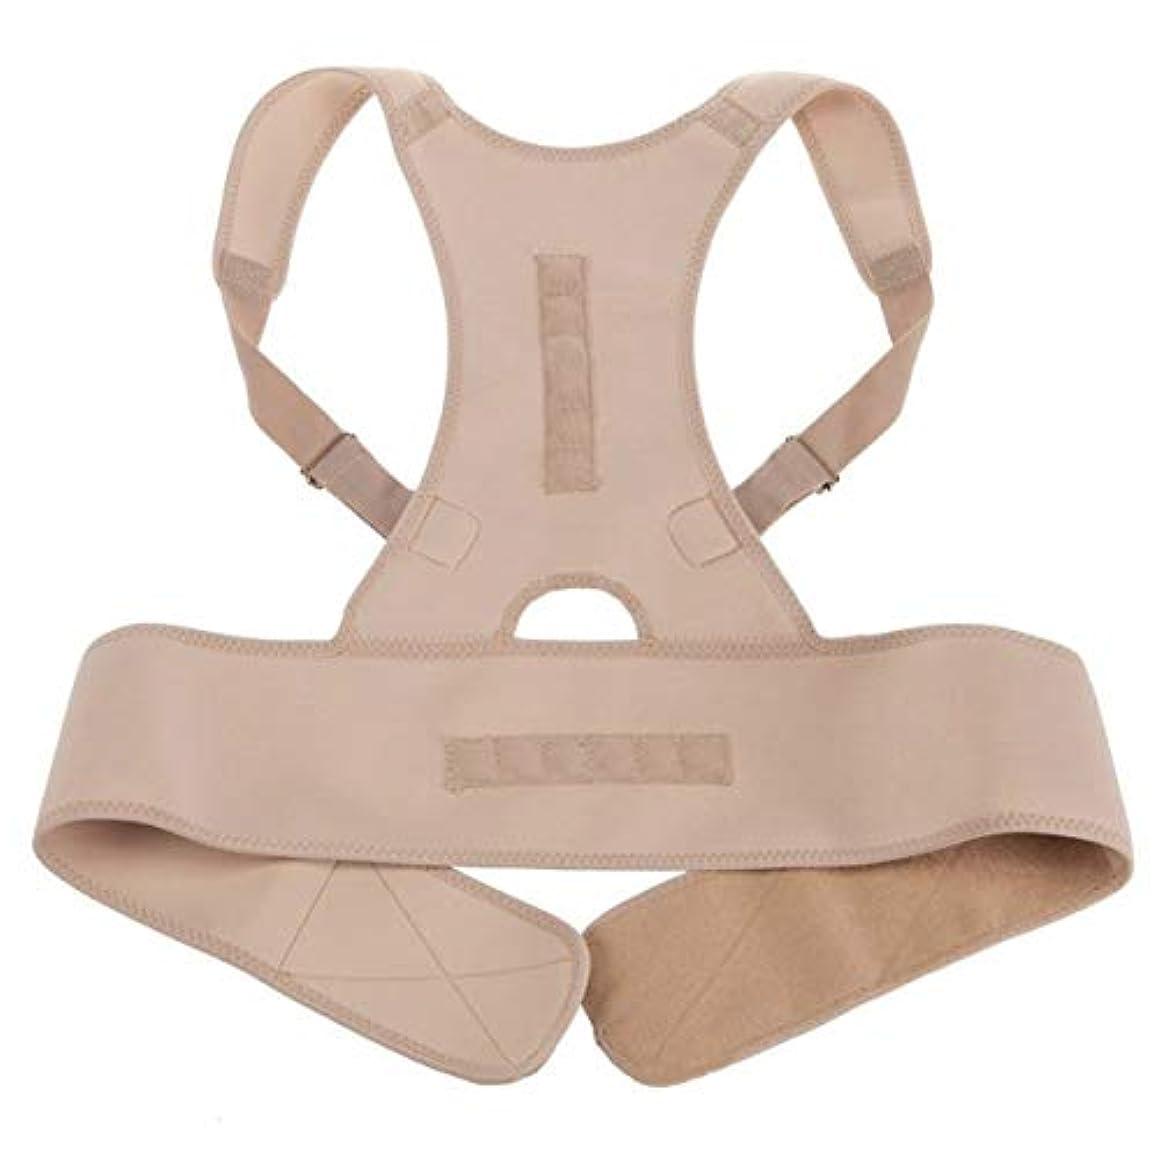 ガス絵脚本ネオプレン磁気姿勢補正器バッドバック腰椎肩サポート腰痛ブレースバンドベルトユニセックス快適な服装 - ブラック2 XL